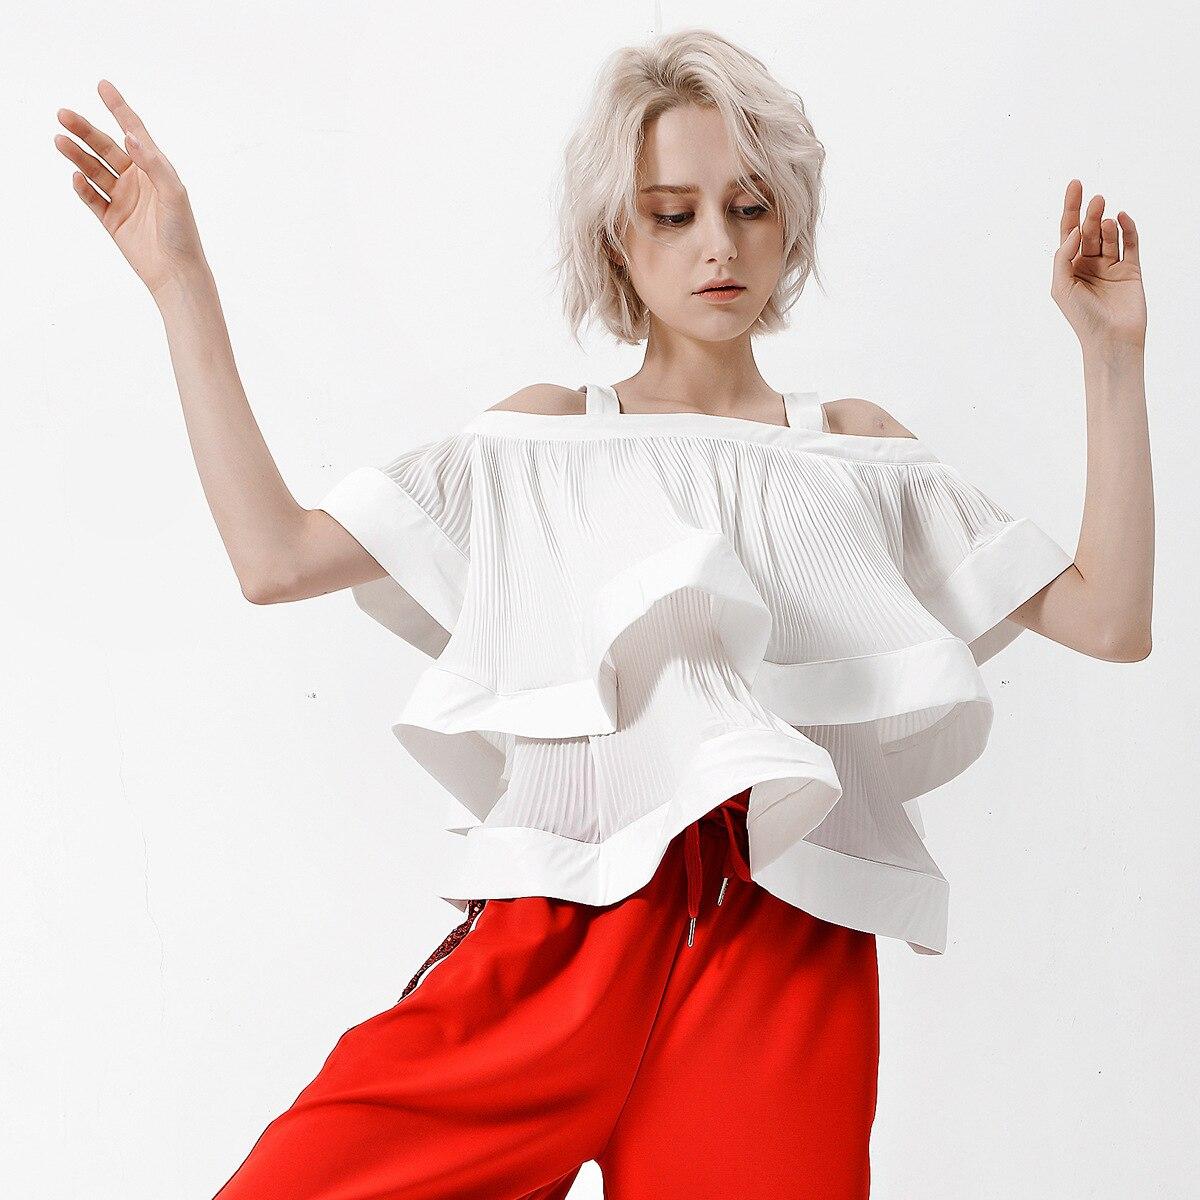 Coréen 2019 Harajuku blanc T-shirt femme Streetwear Camisole T-shirt résistant plissé multi-couches été hauts femme vêtements QH185